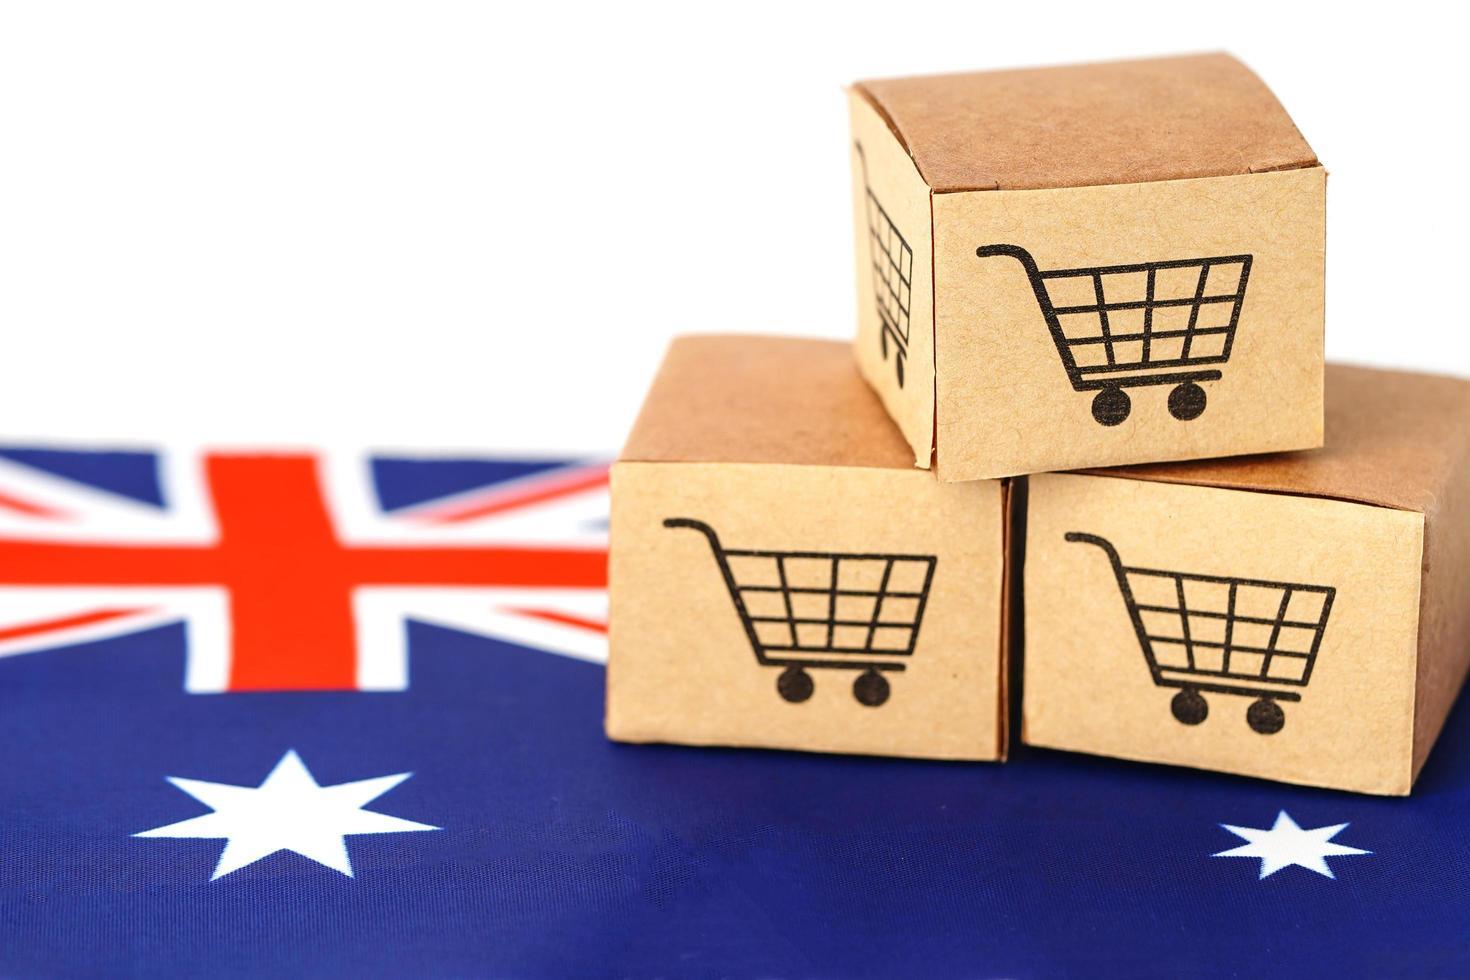 Caja de carrito de compras en la bandera de Australia, importación y exportación foto